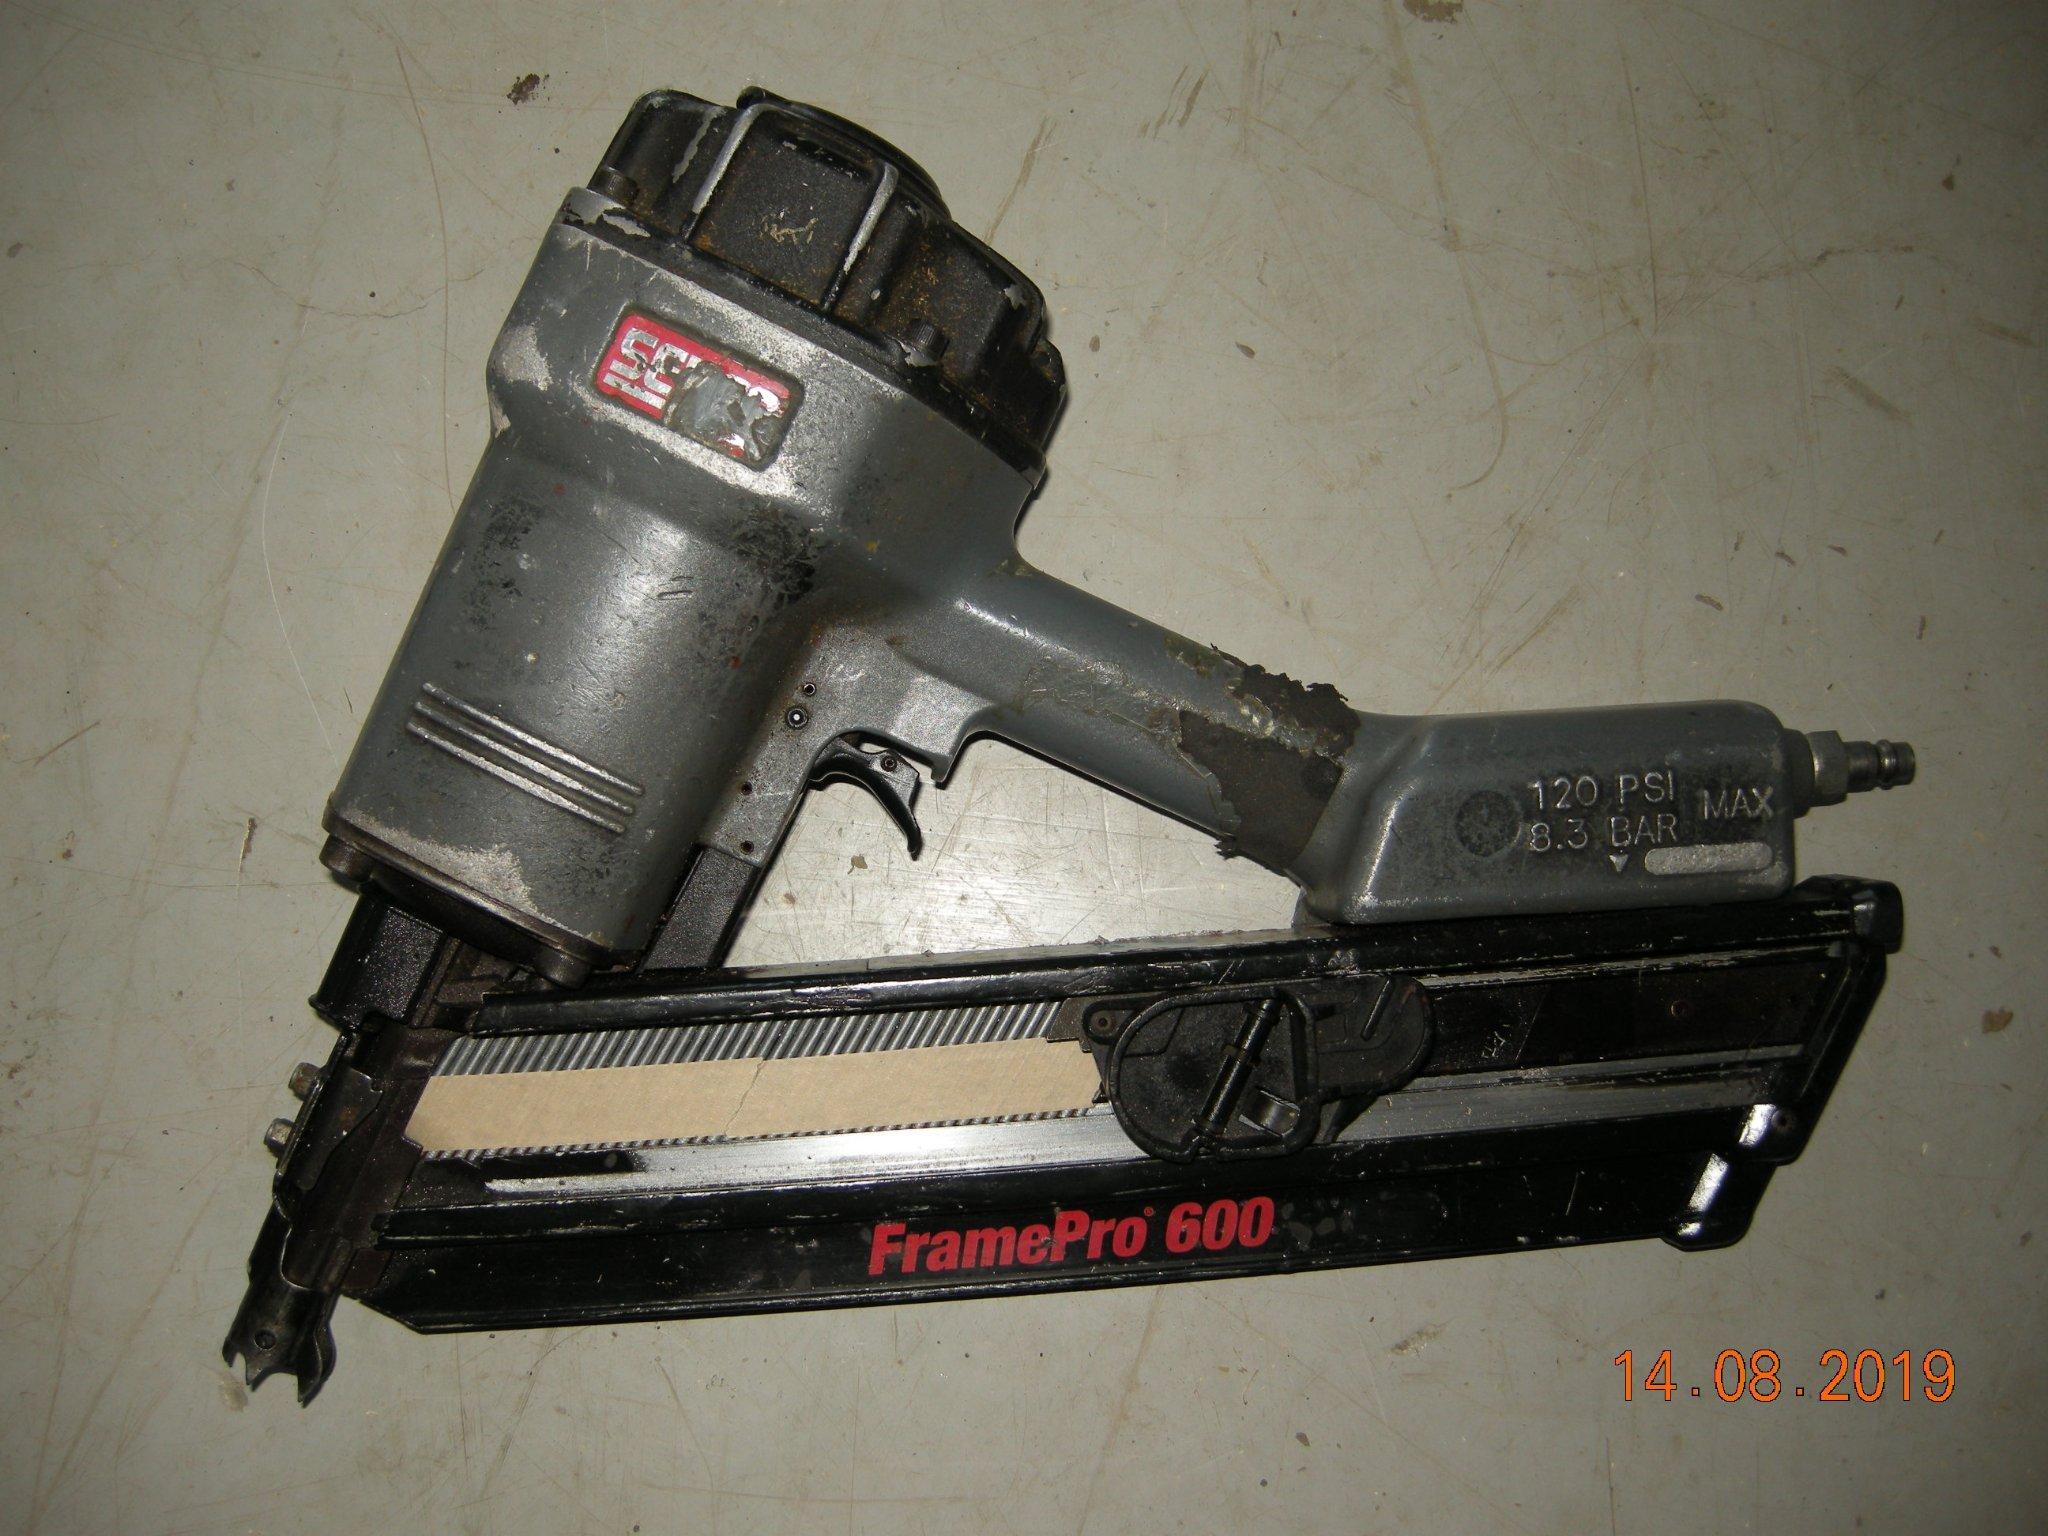 Unika Spikpistol Senco Framepro 600 (362062033) ᐈ Köp på Tradera OW-46